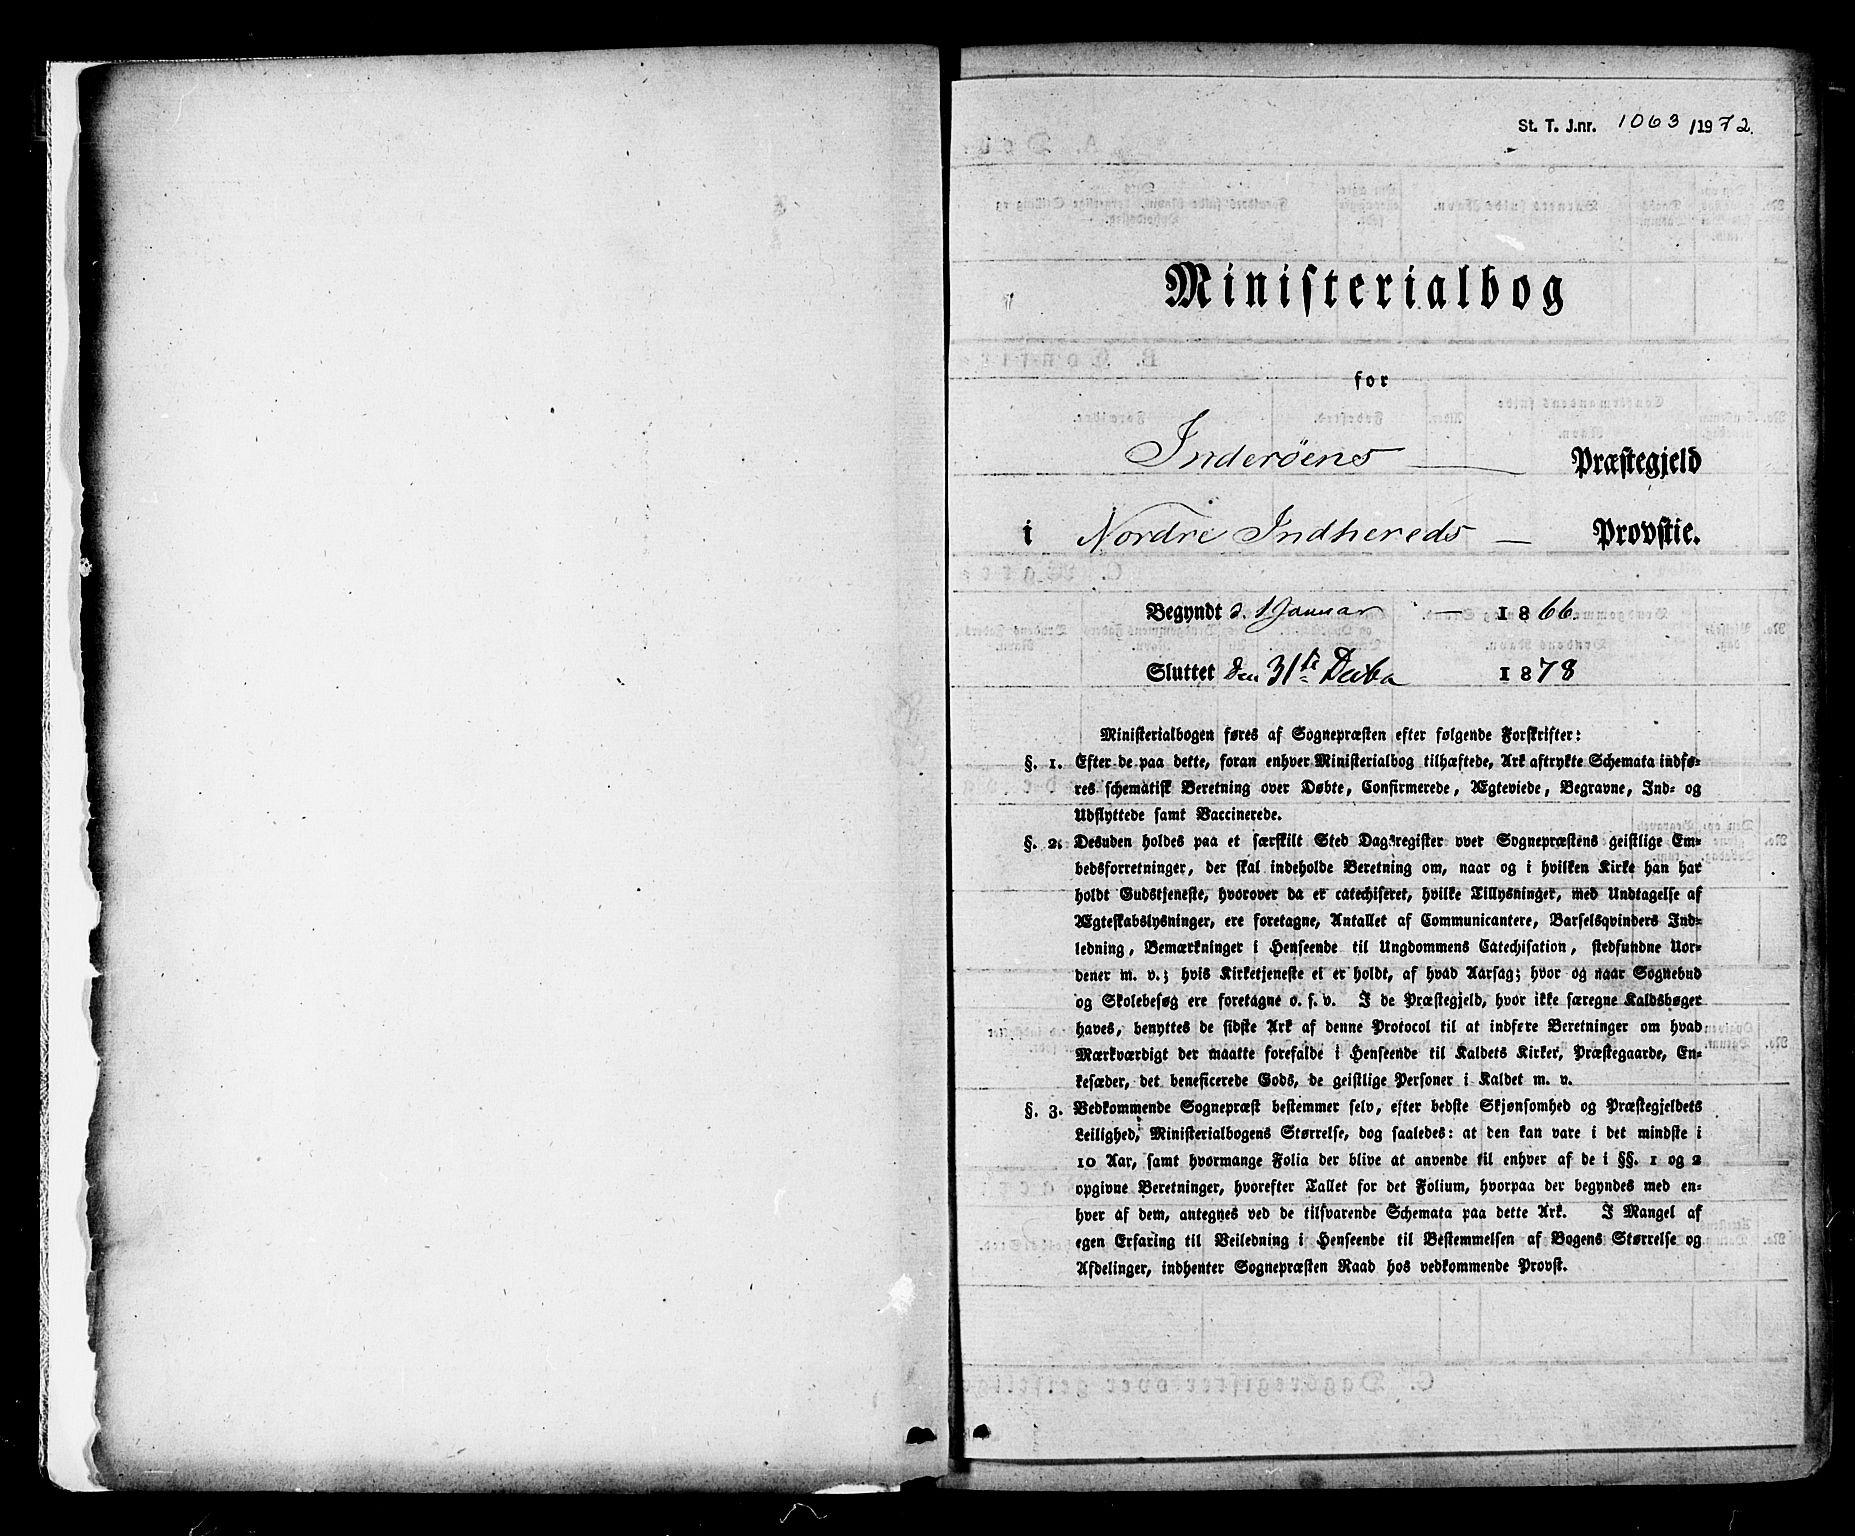 SAT, Ministerialprotokoller, klokkerbøker og fødselsregistre - Nord-Trøndelag, 730/L0284: Parish register (official) no. 730A09, 1866-1878